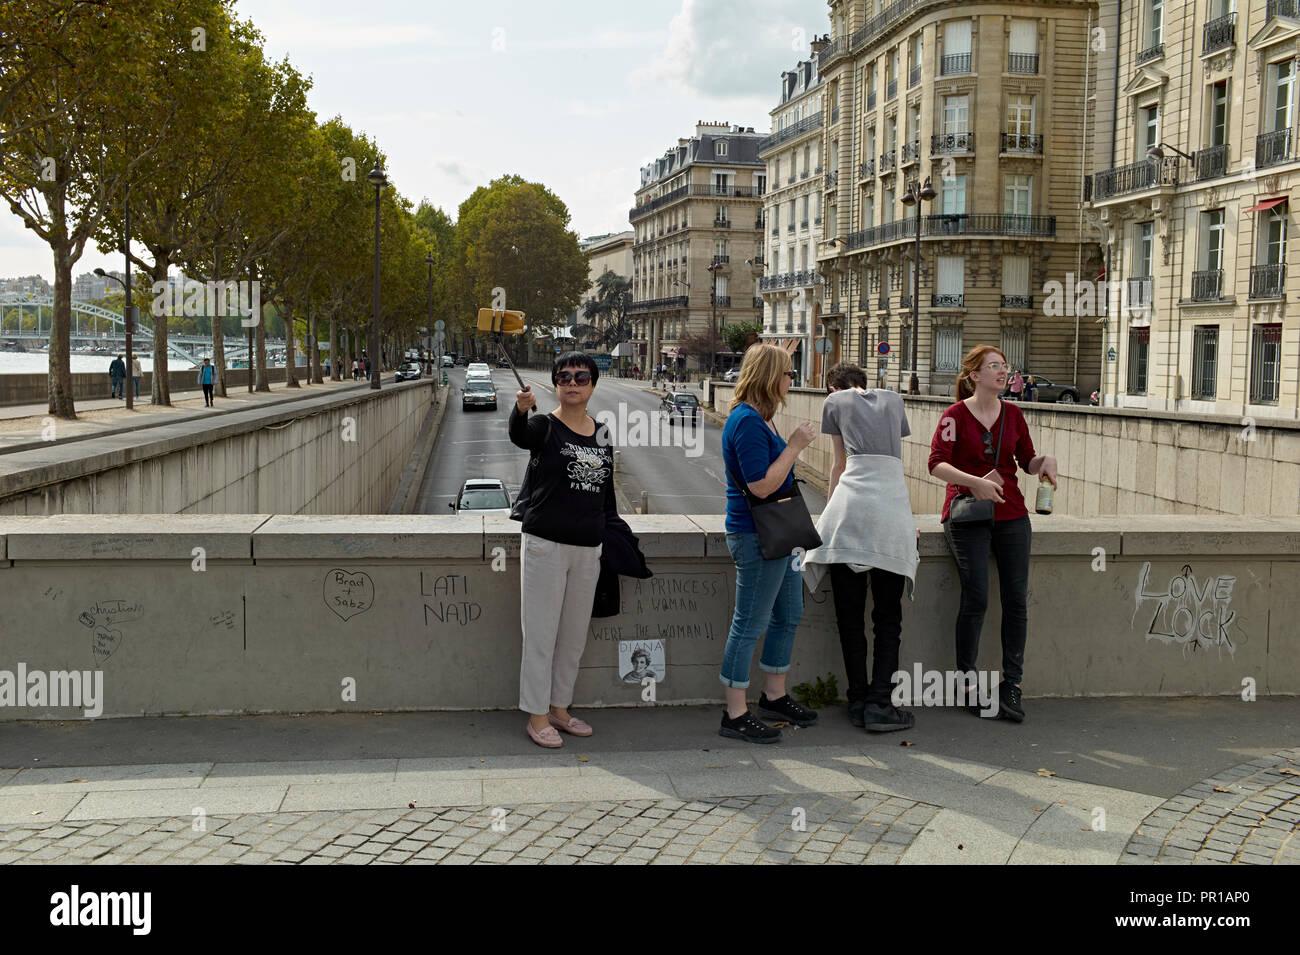 Pont de l'Alma tunnel dans Paris, France. Étaient Diana, princesse de Galles, avait perdu la vie dans un accident de voiture. Banque D'Images